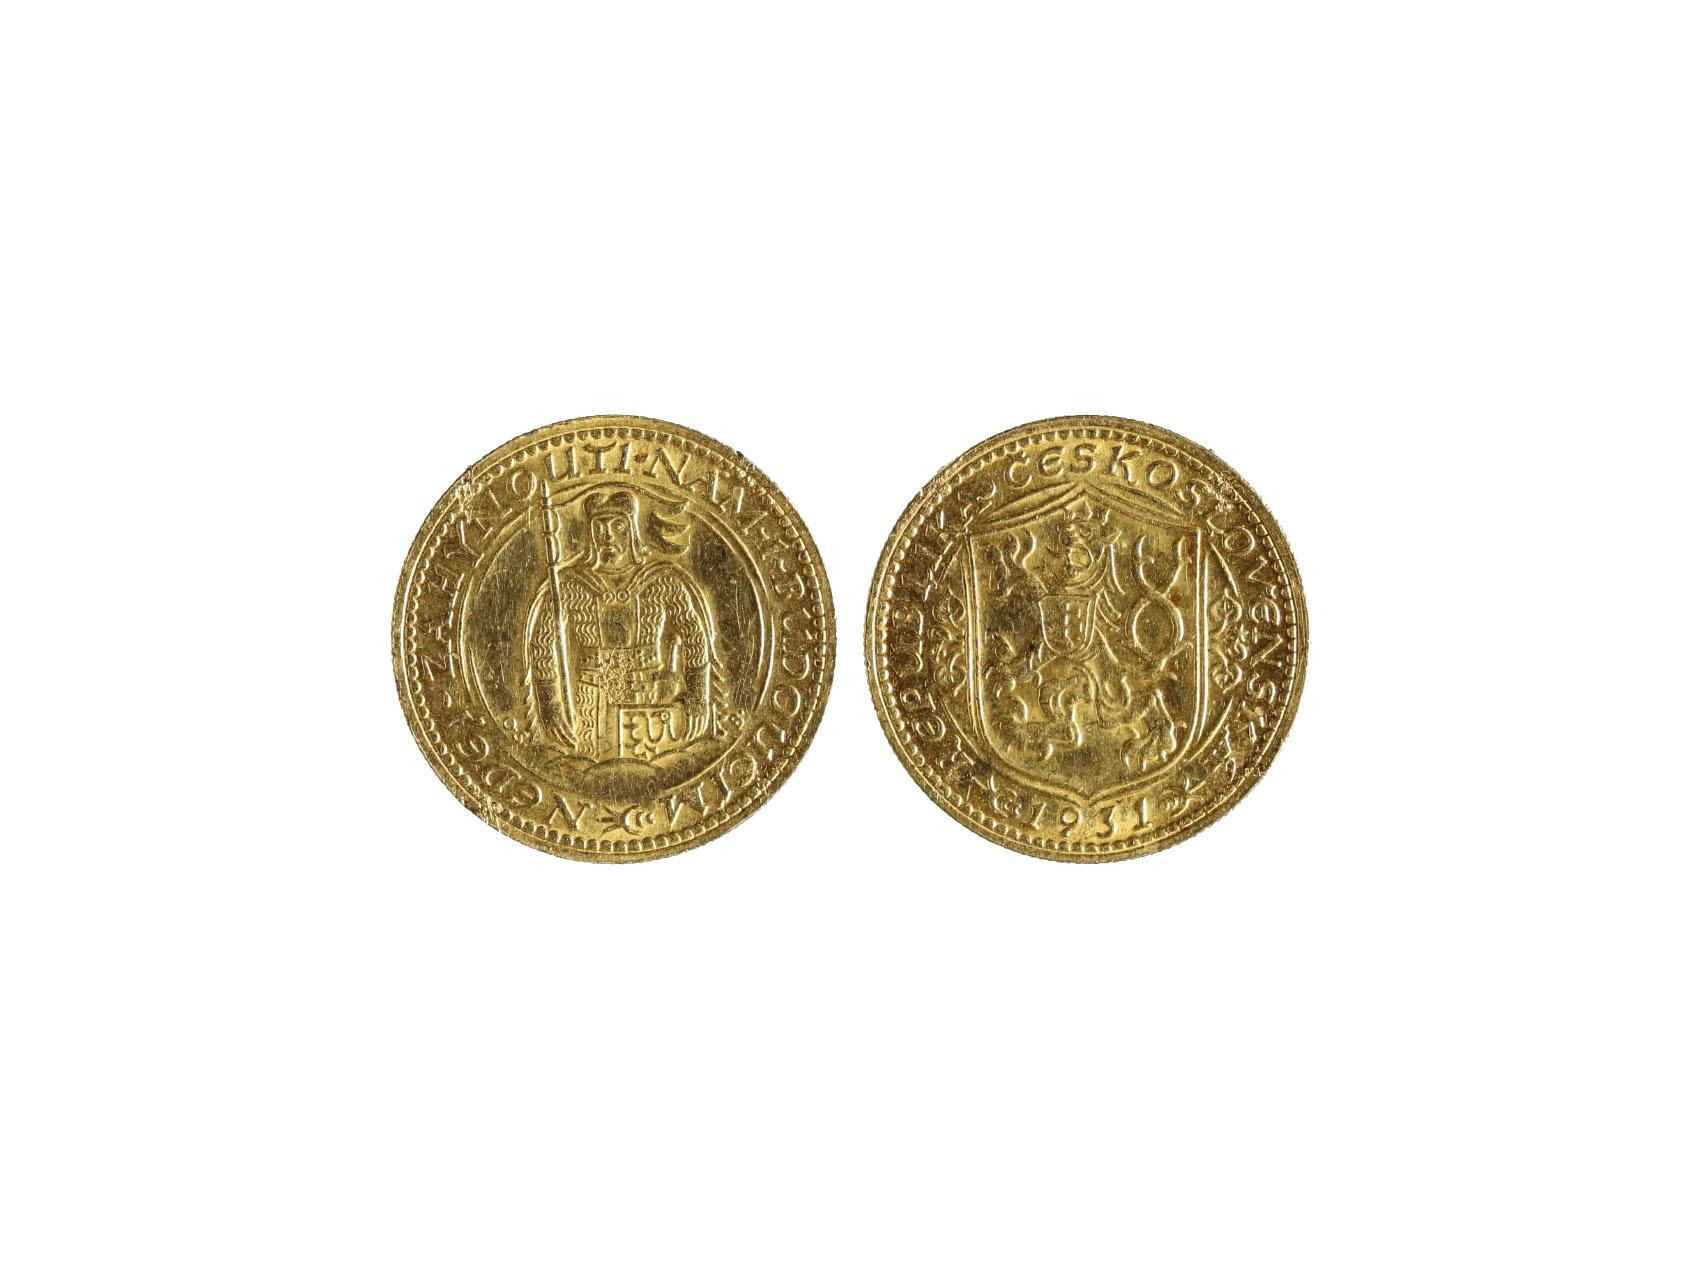 Československo 1918-1939 - Dukát 1931, 3.491 g, 986/1000, raženo 43482 ks, N16